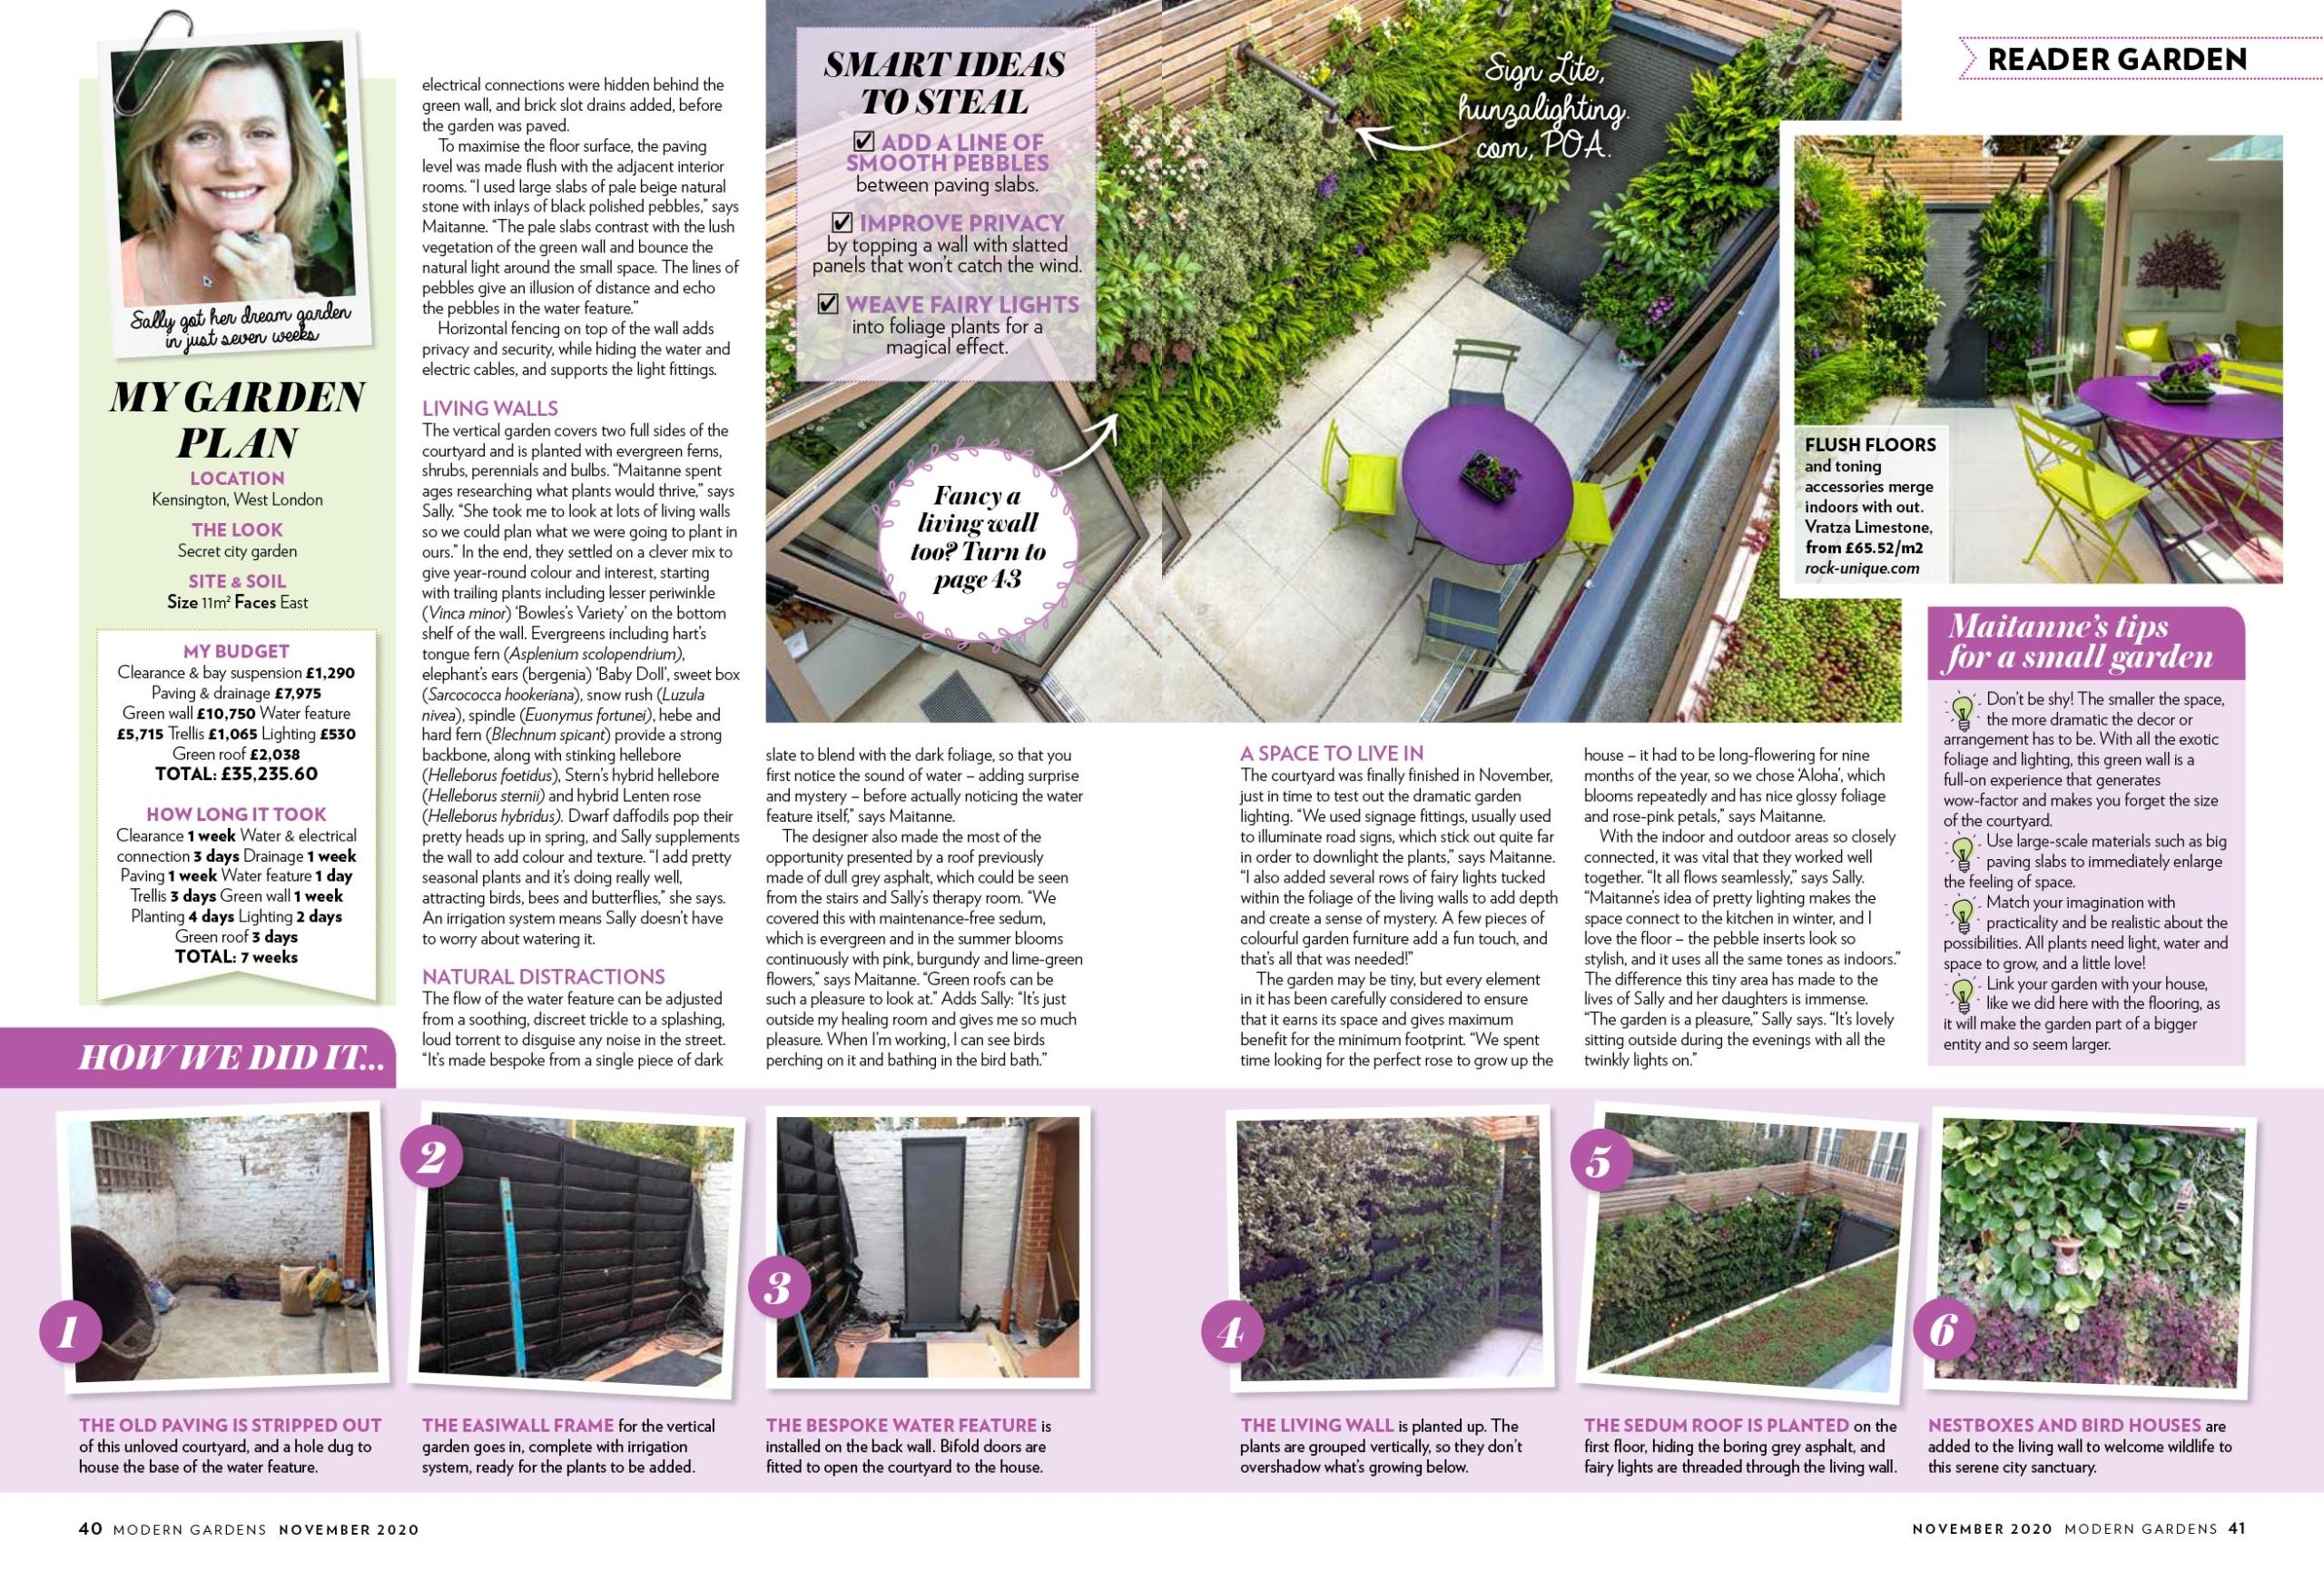 Modern Gardens Readers Garden Kelso Place (spread 2)